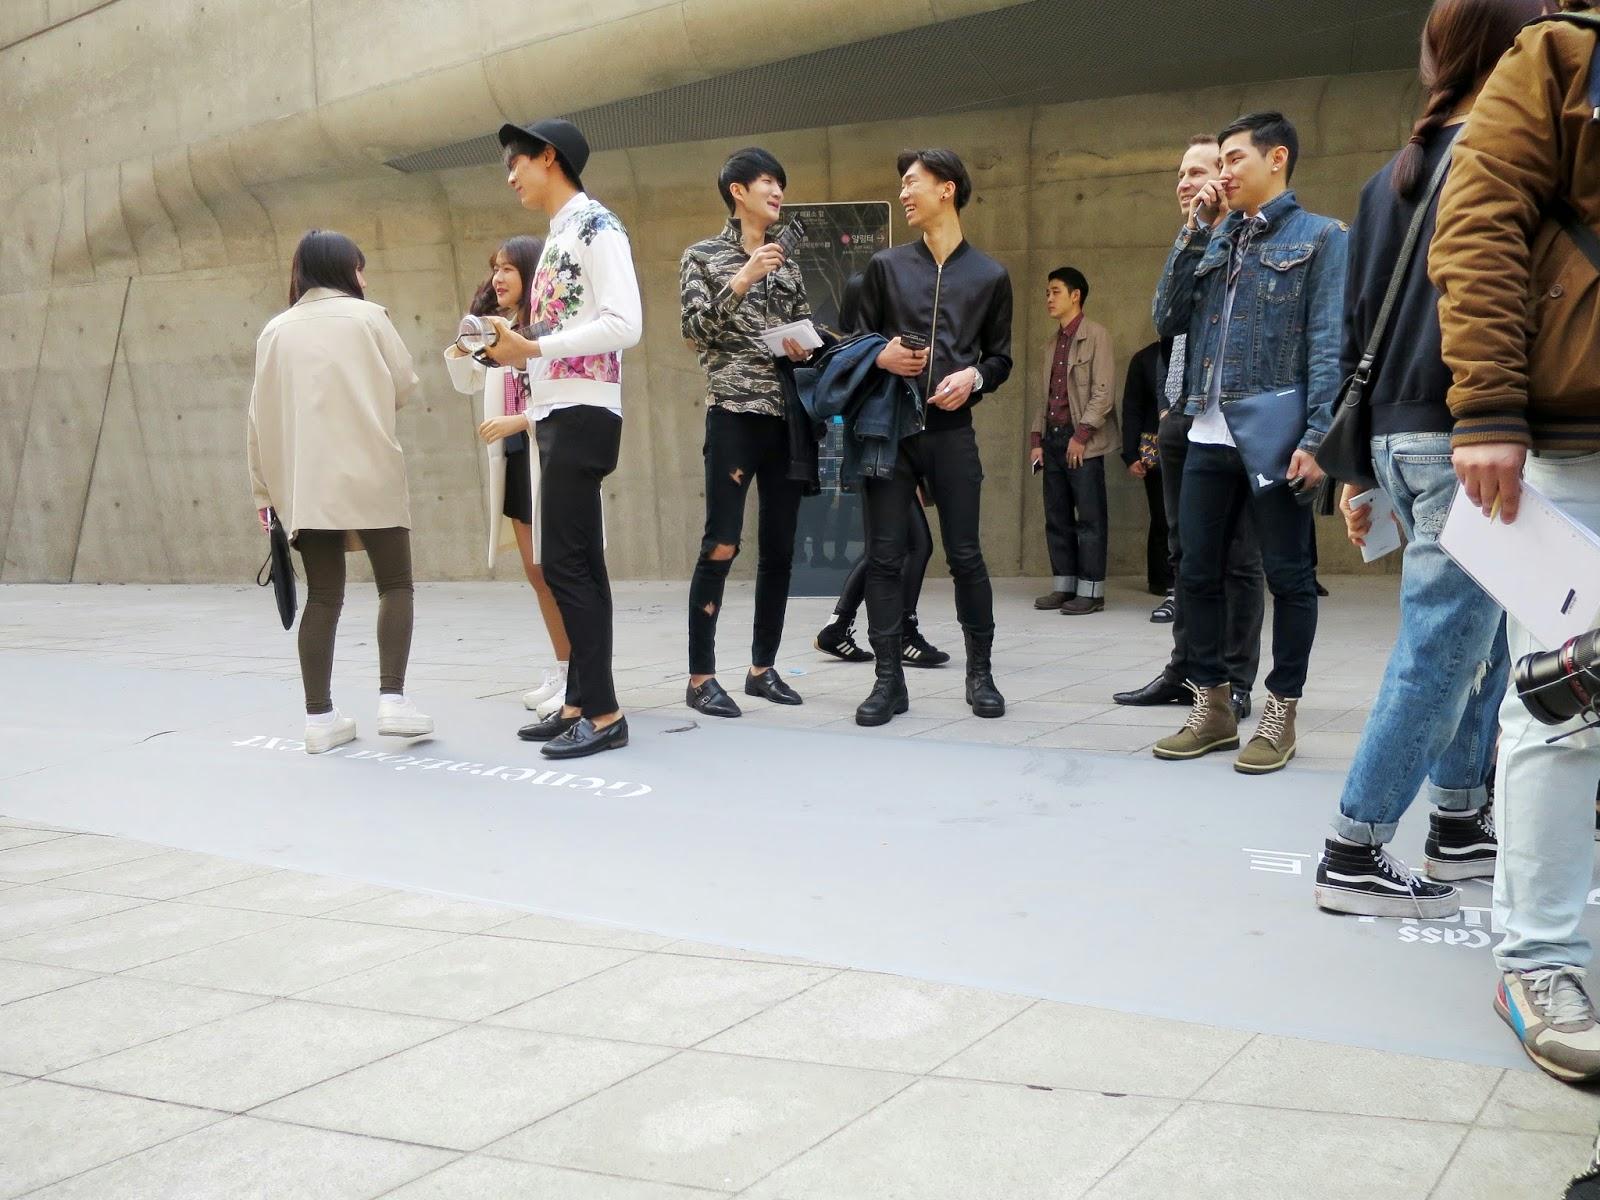 Seoul fashion week 2014 SFW FW14